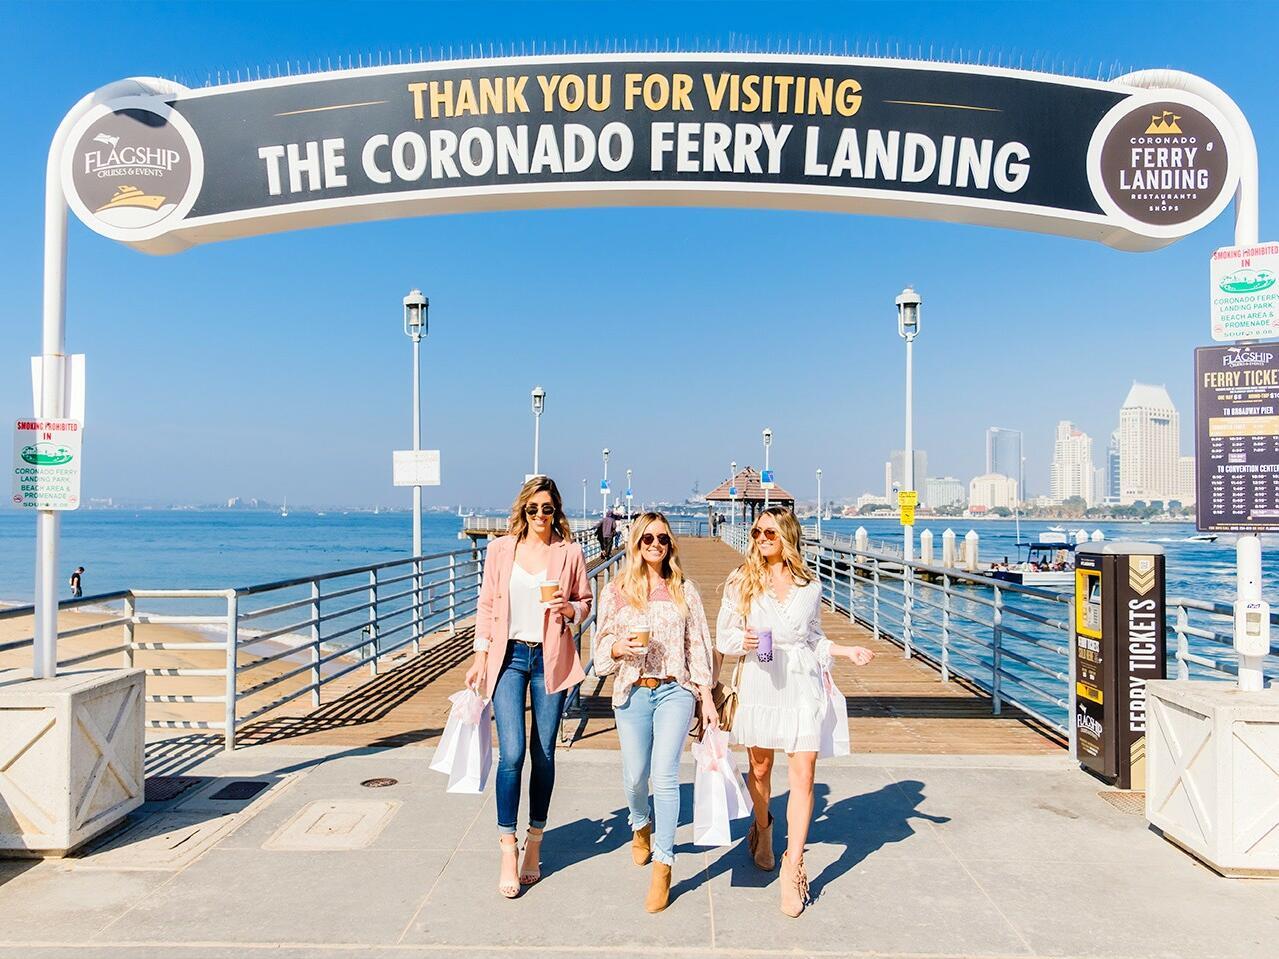 Friends having fun at the Coronado port